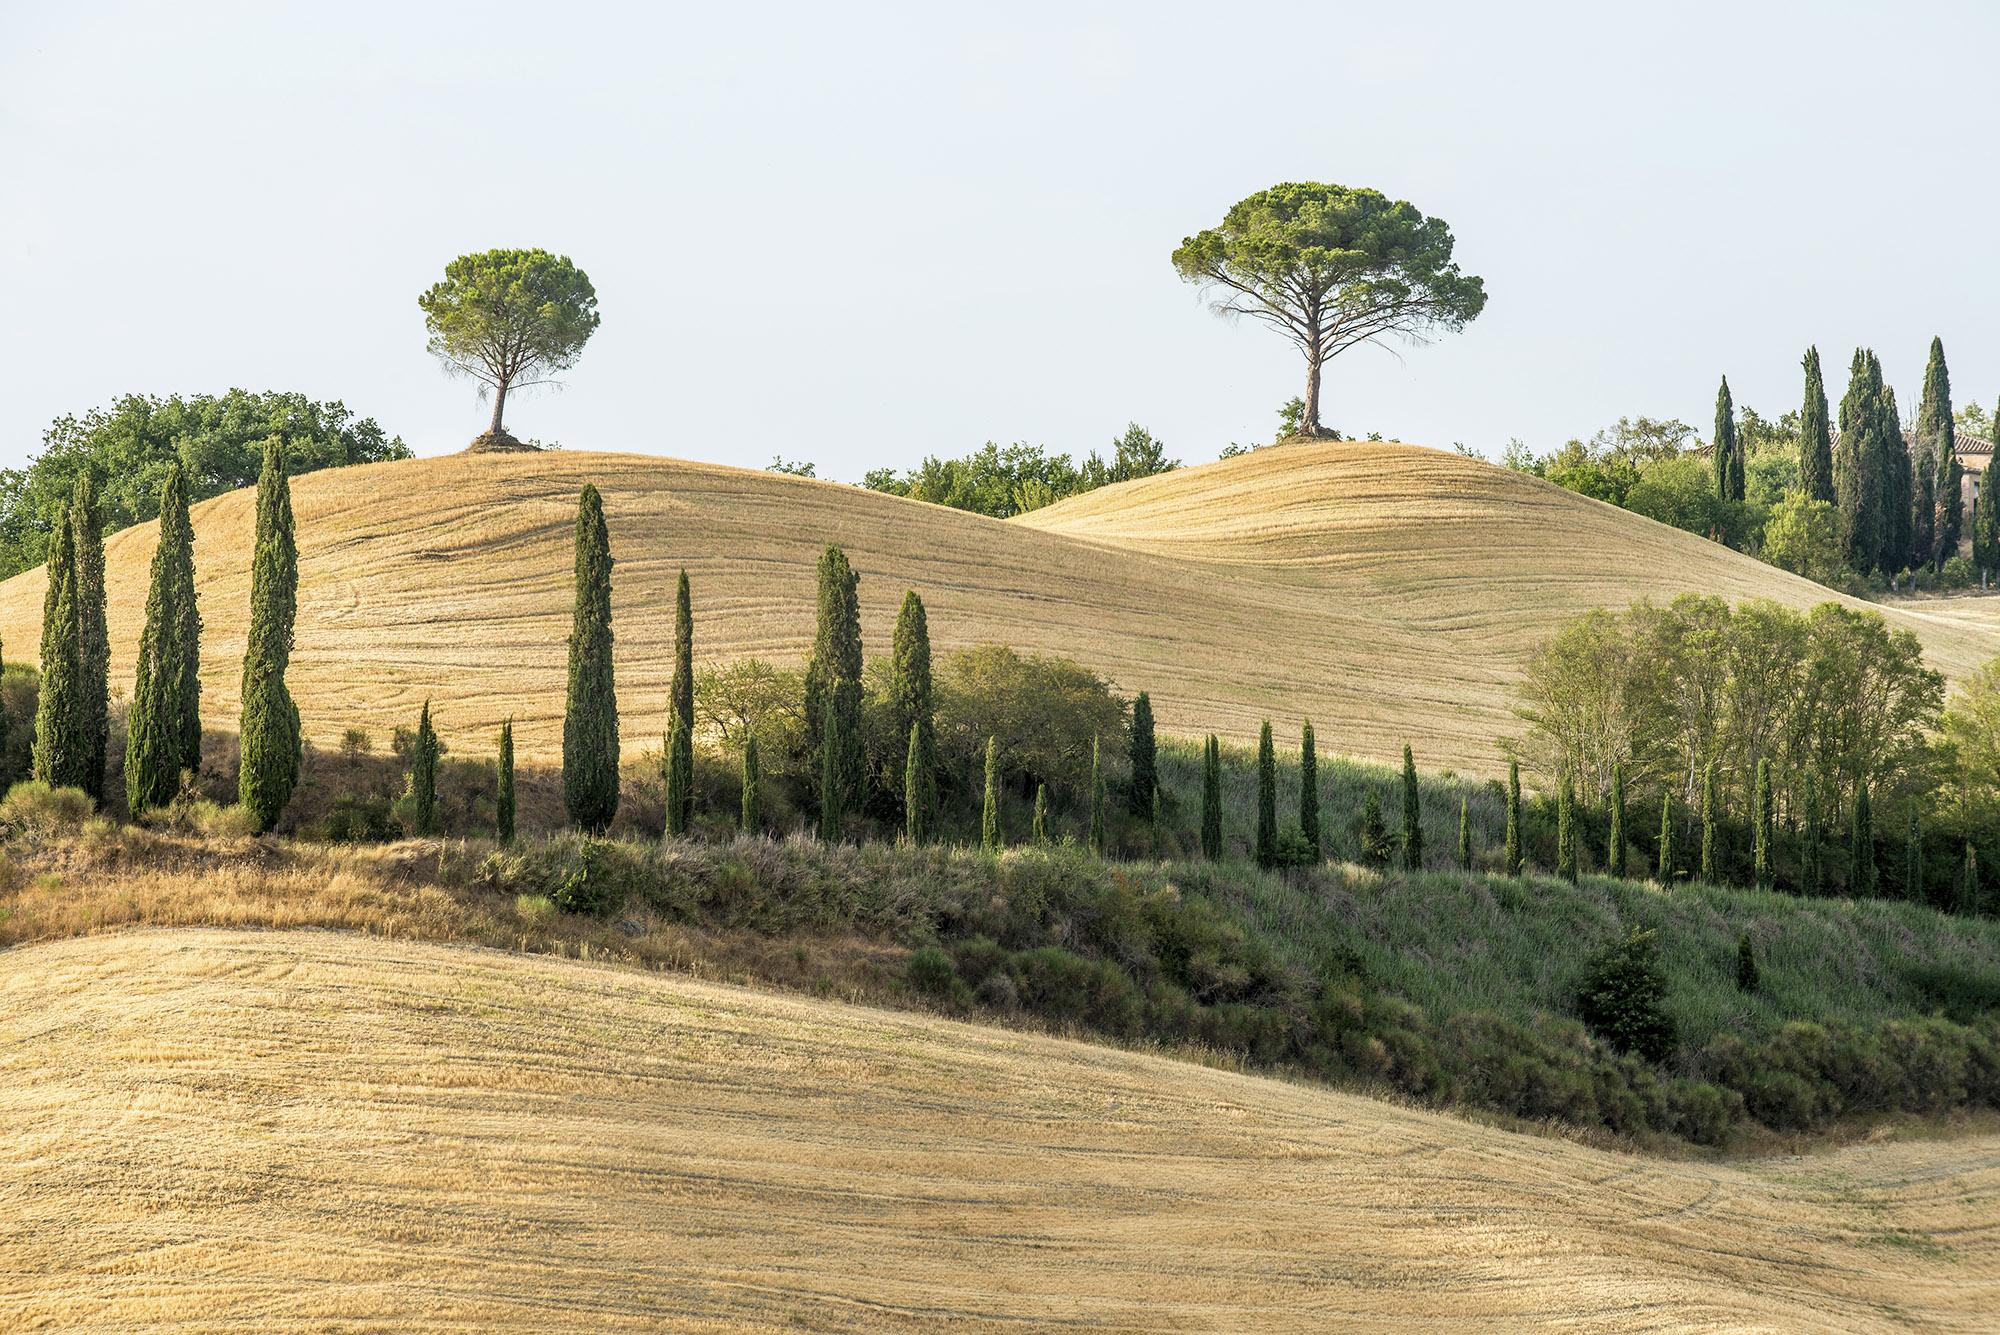 Deux arbres dans un champ